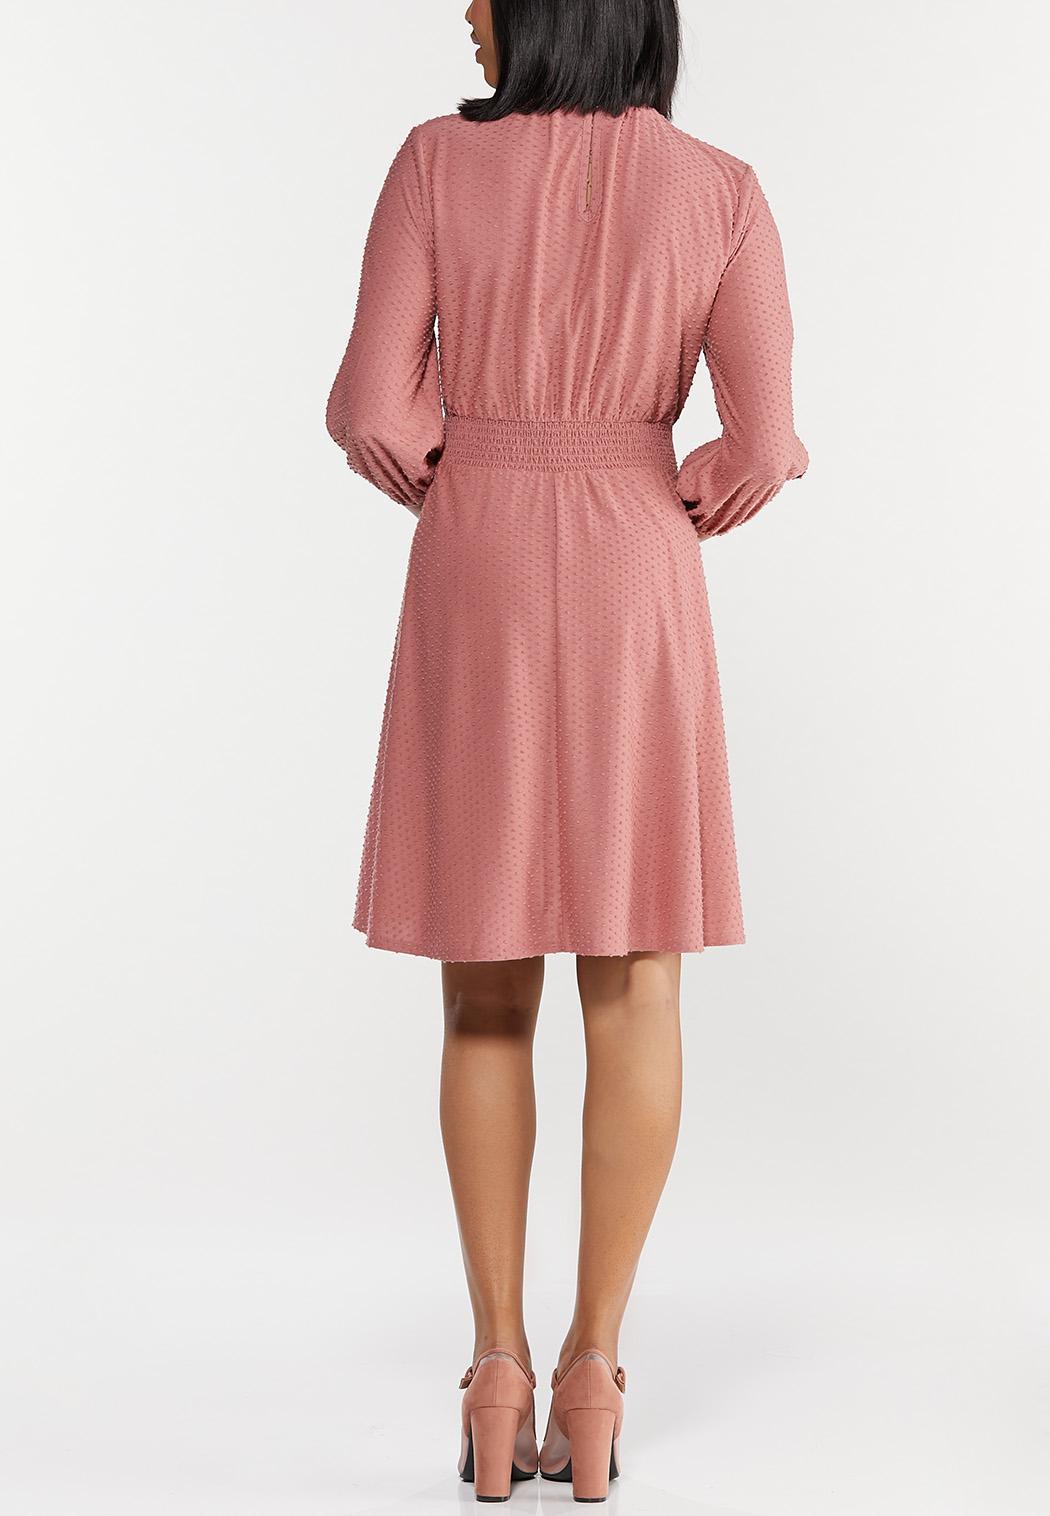 Smocked Dotted Mock Neck Dress (Item #44520080)